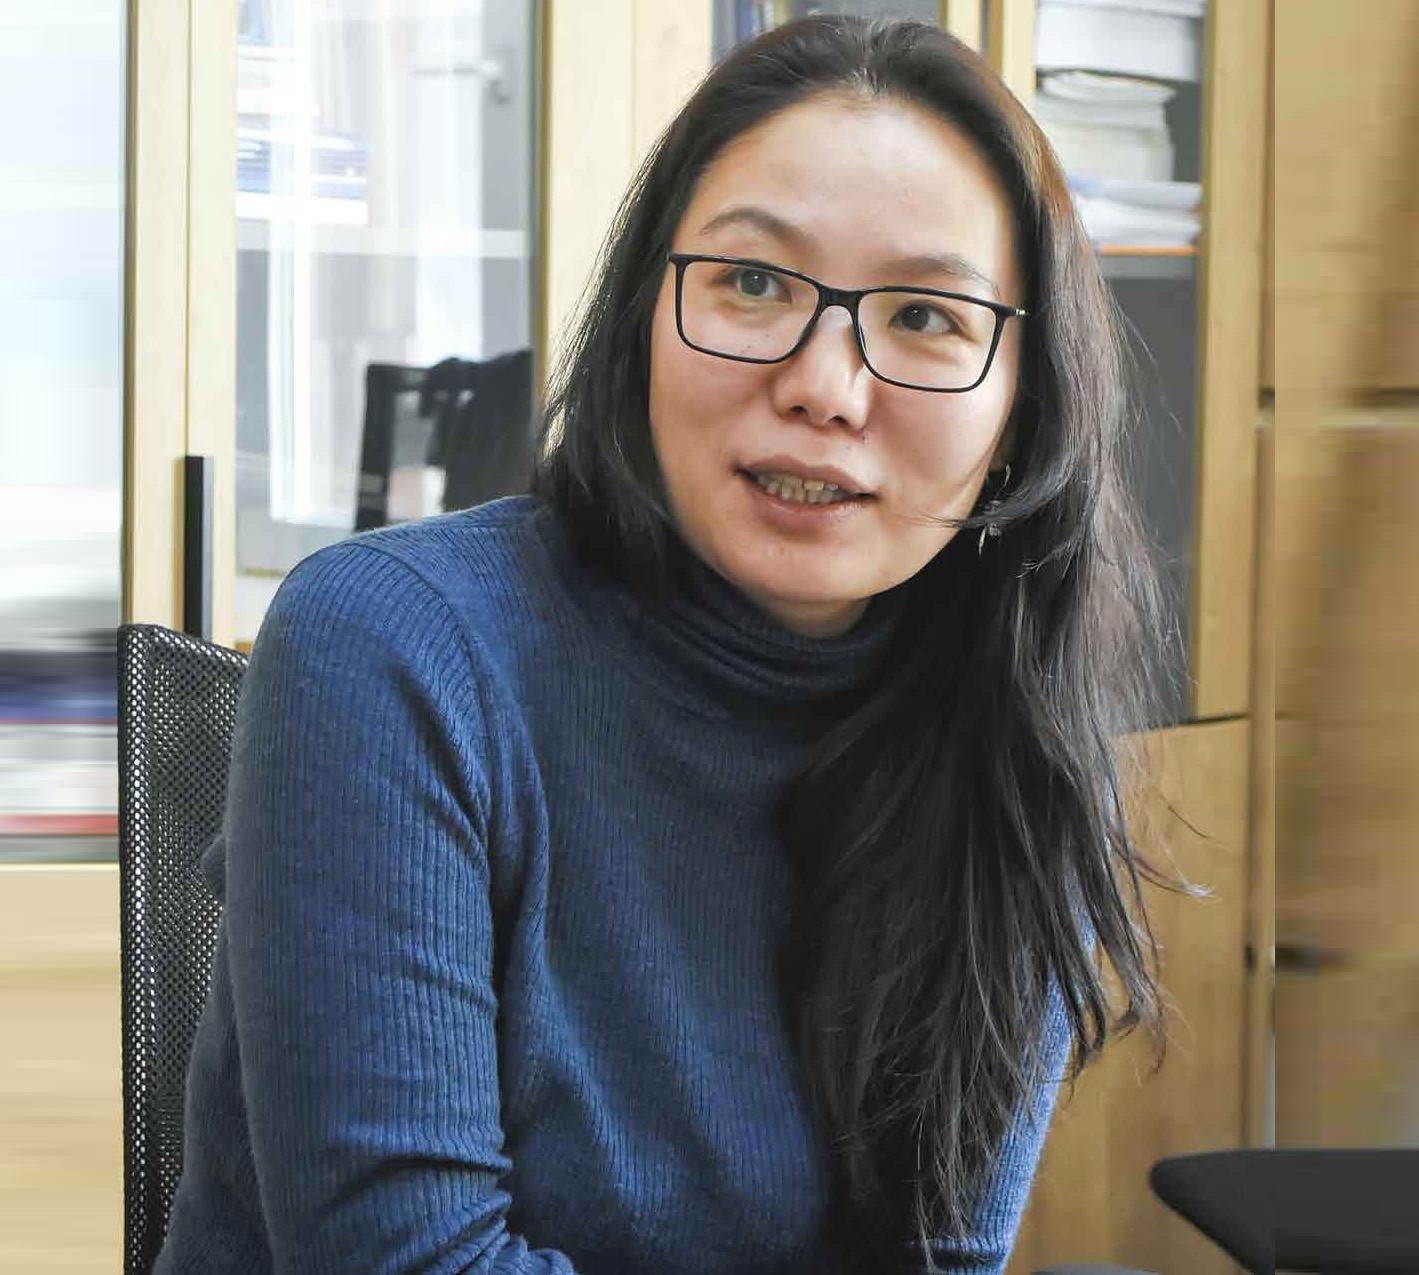 Монгол судлаачид сур элдэх, гэр барих үндэсний ахуйд суралцана